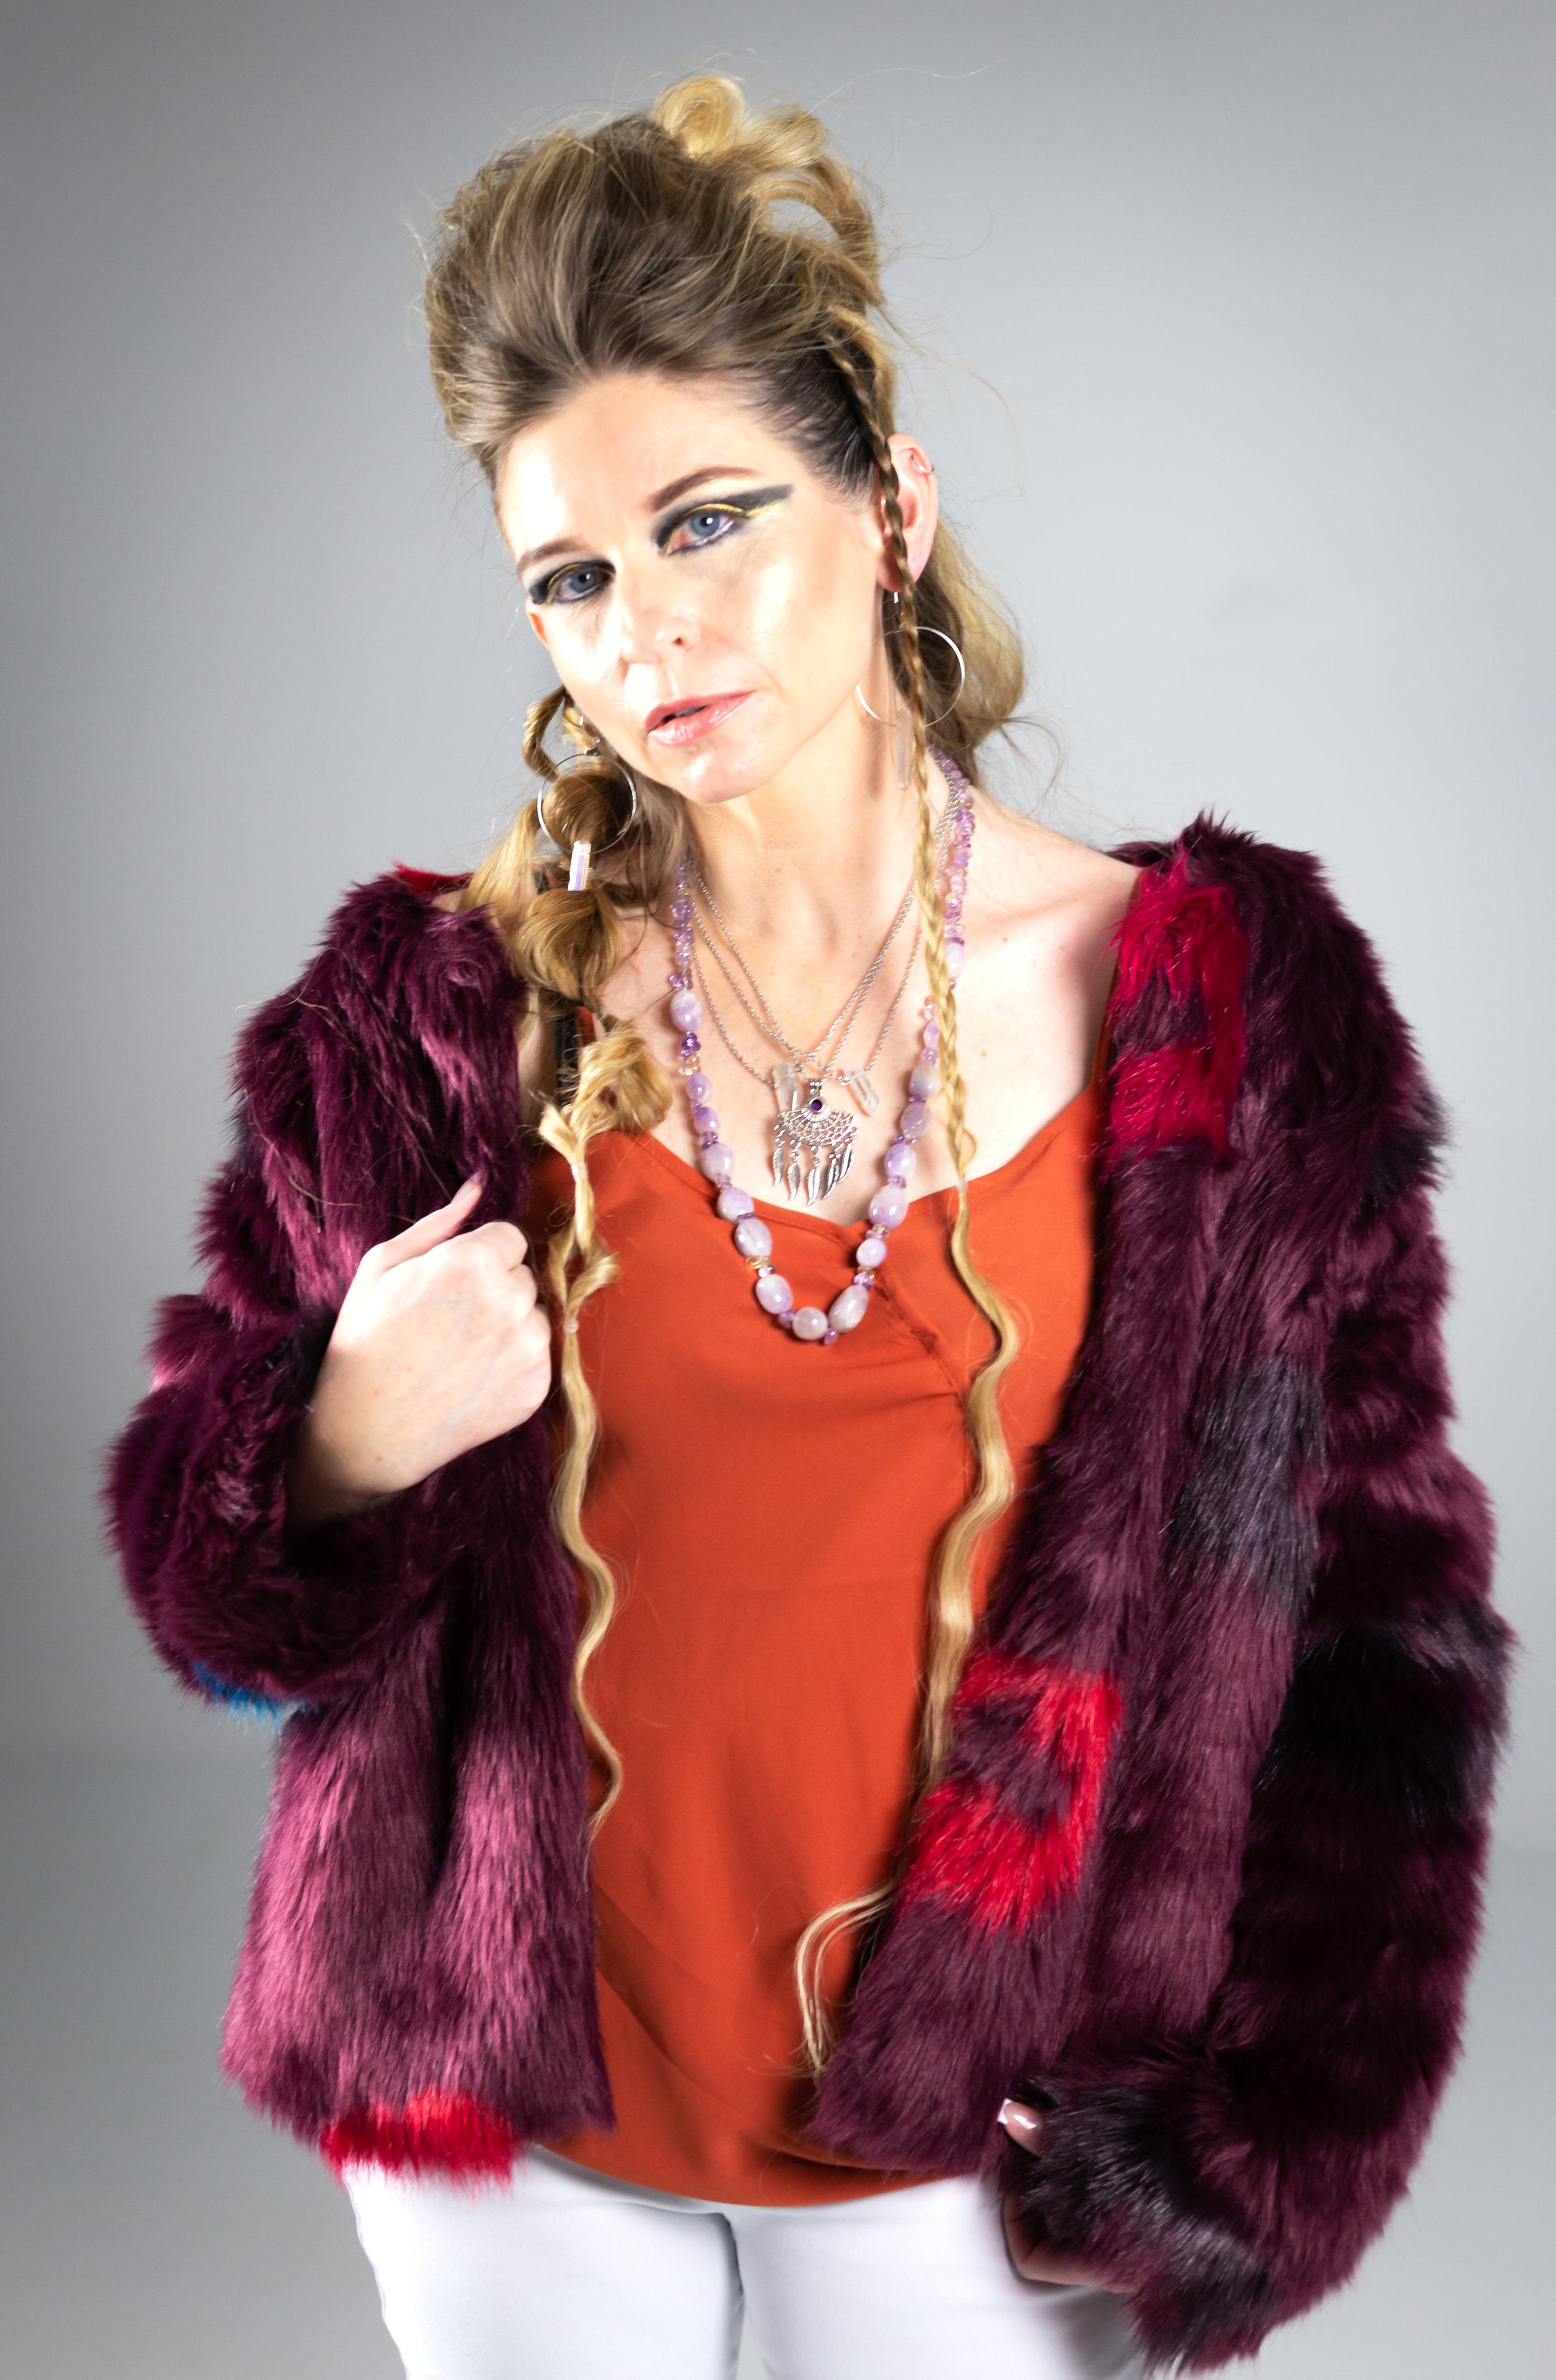 Tina Lundquist (HMUA: Tiffani Chante)